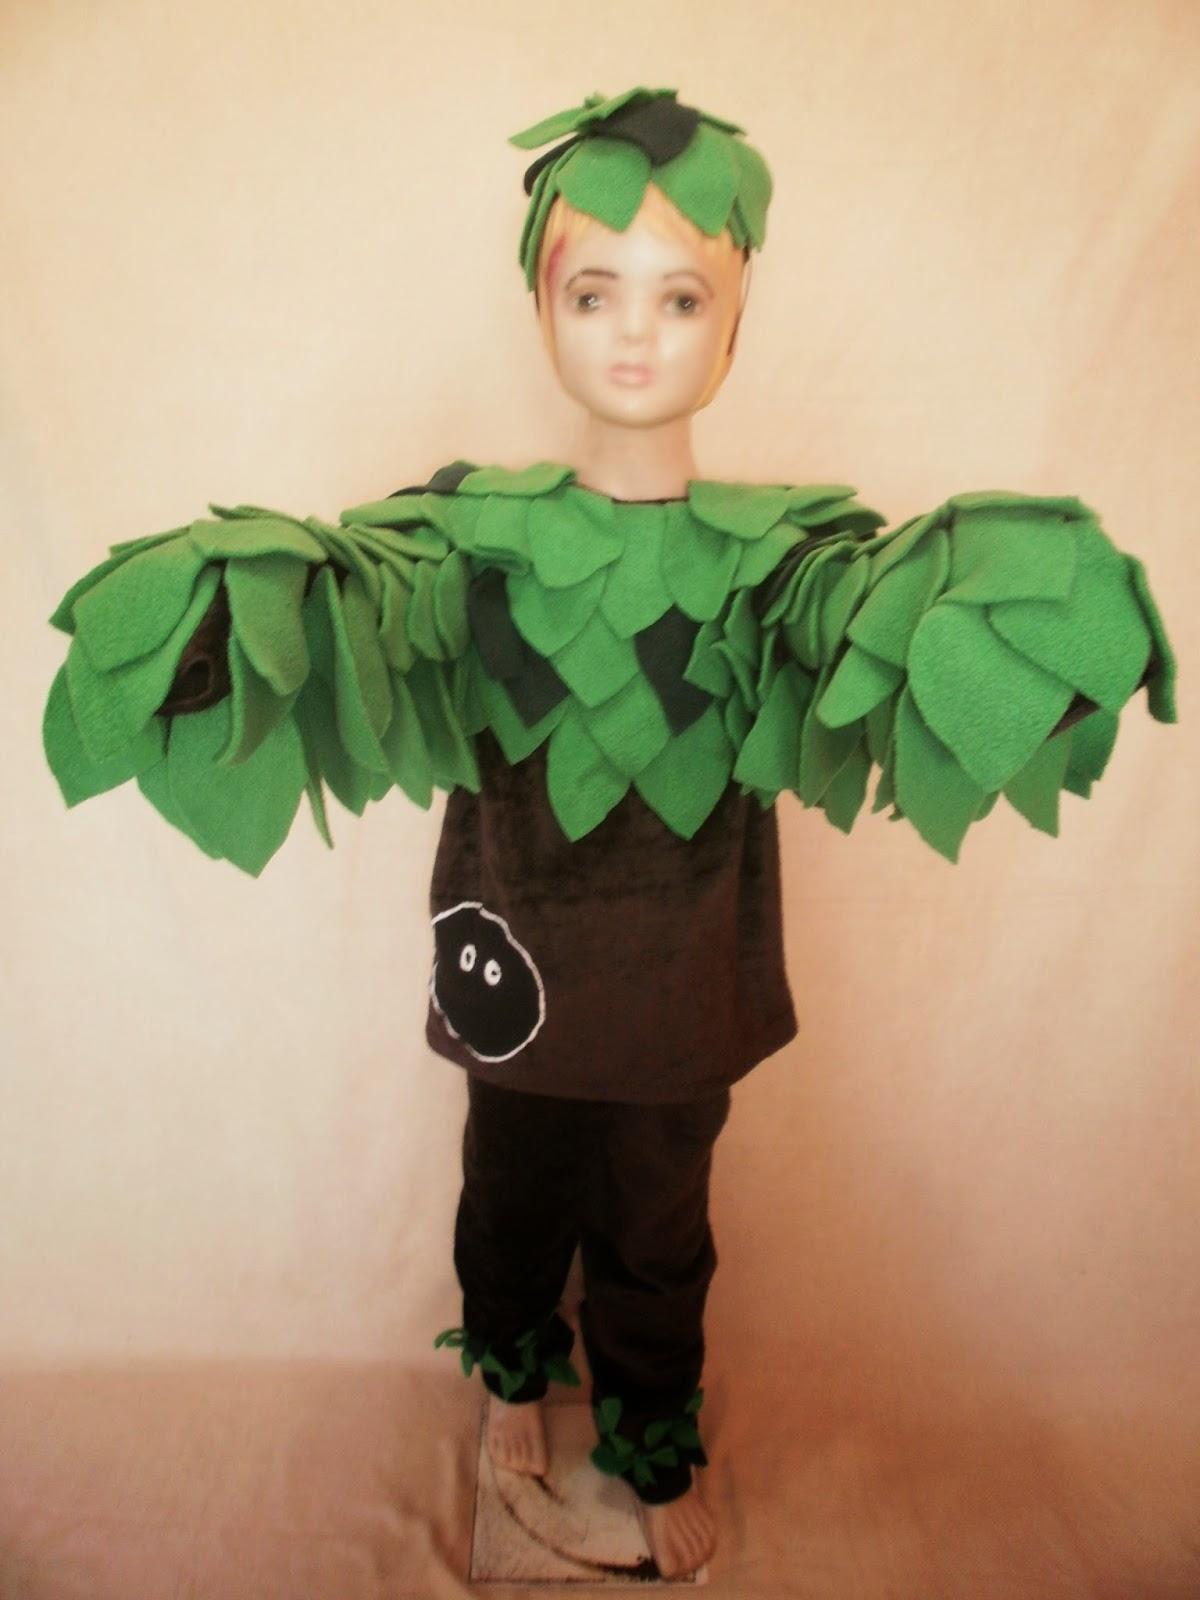 Disfraces de arboles para niños - Imagui